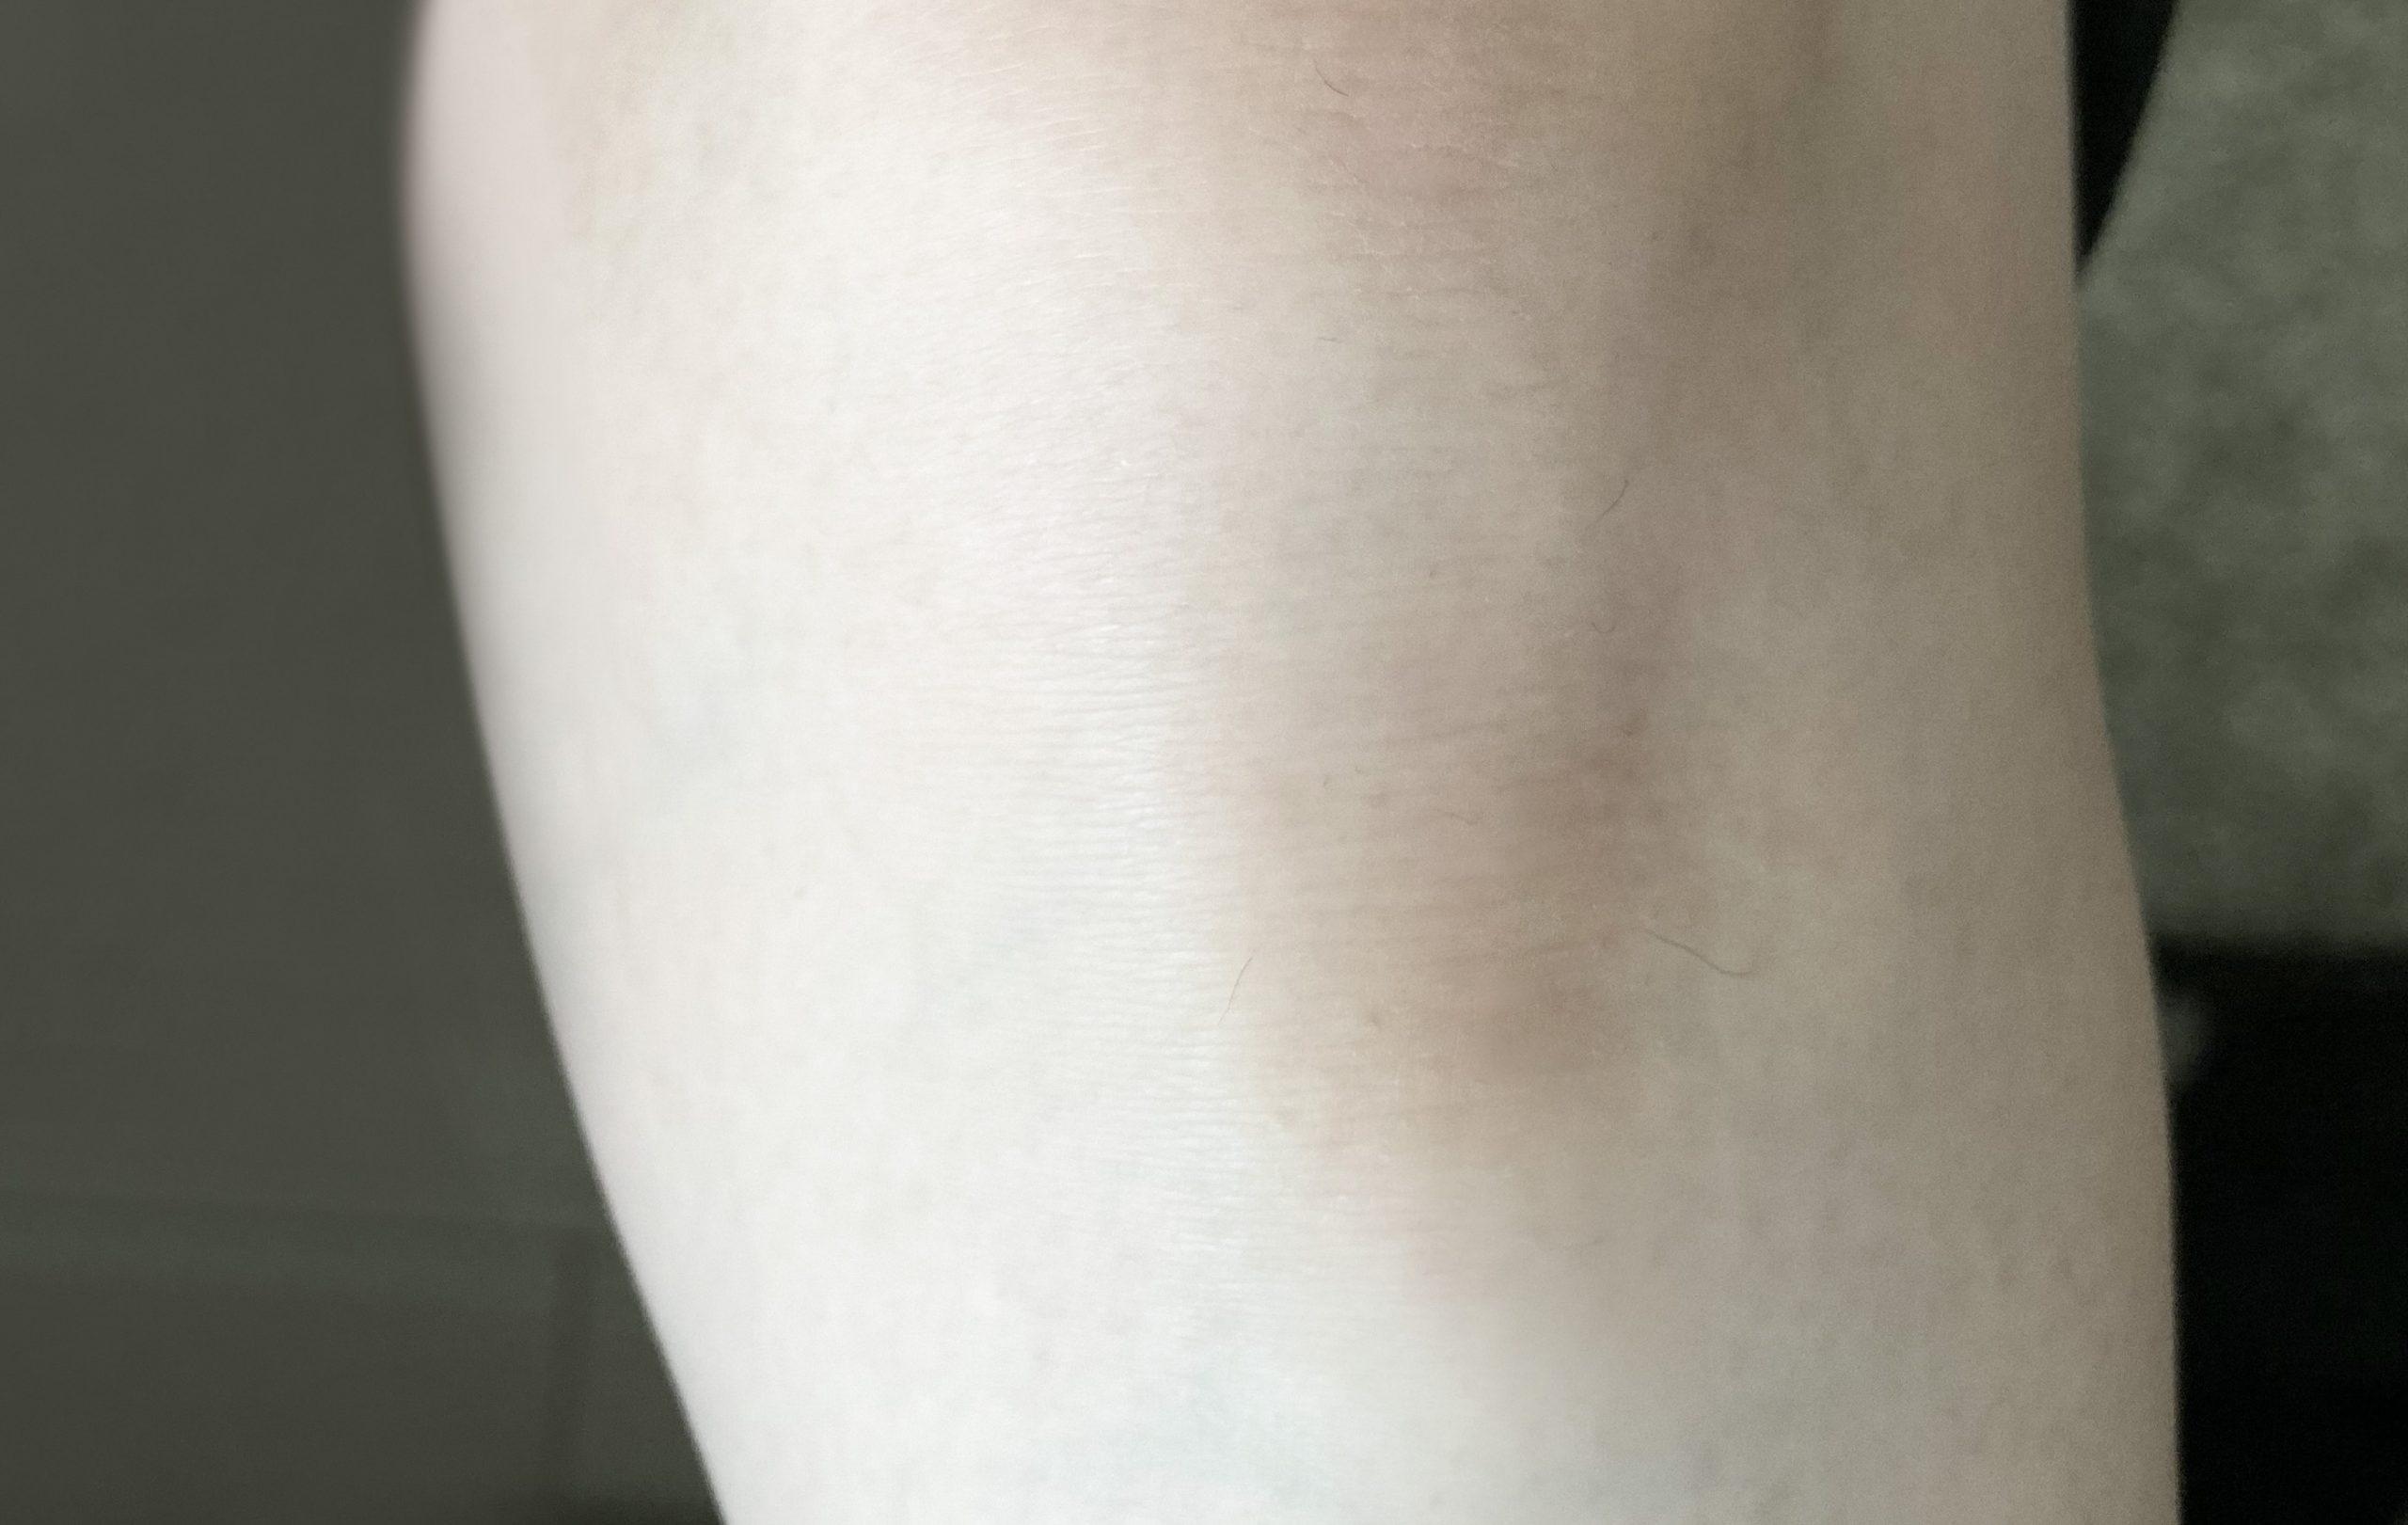 セルフ脱毛後の左足